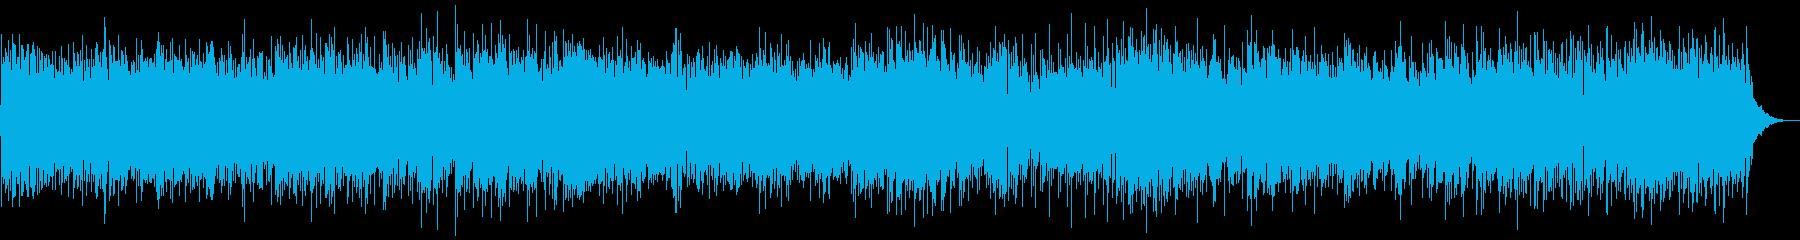 アコギが心地よいバラードの再生済みの波形